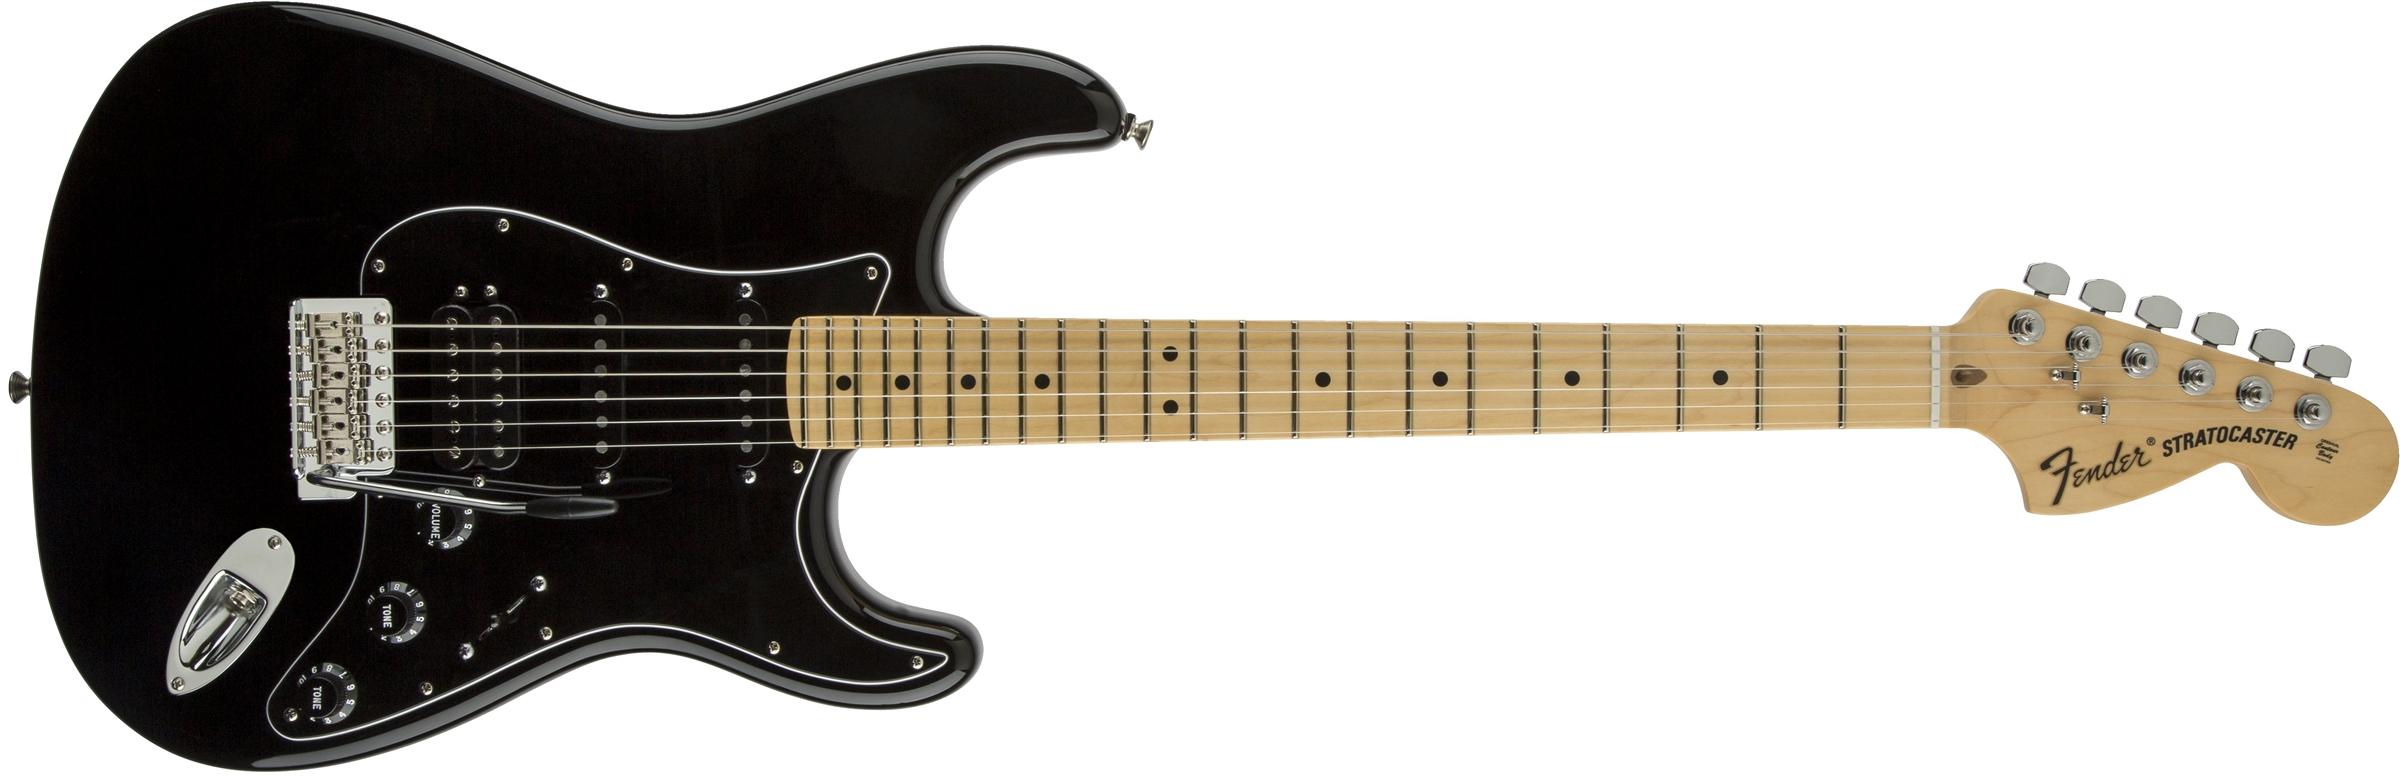 fender american special stratocaster hss maple fingerboard black. Black Bedroom Furniture Sets. Home Design Ideas